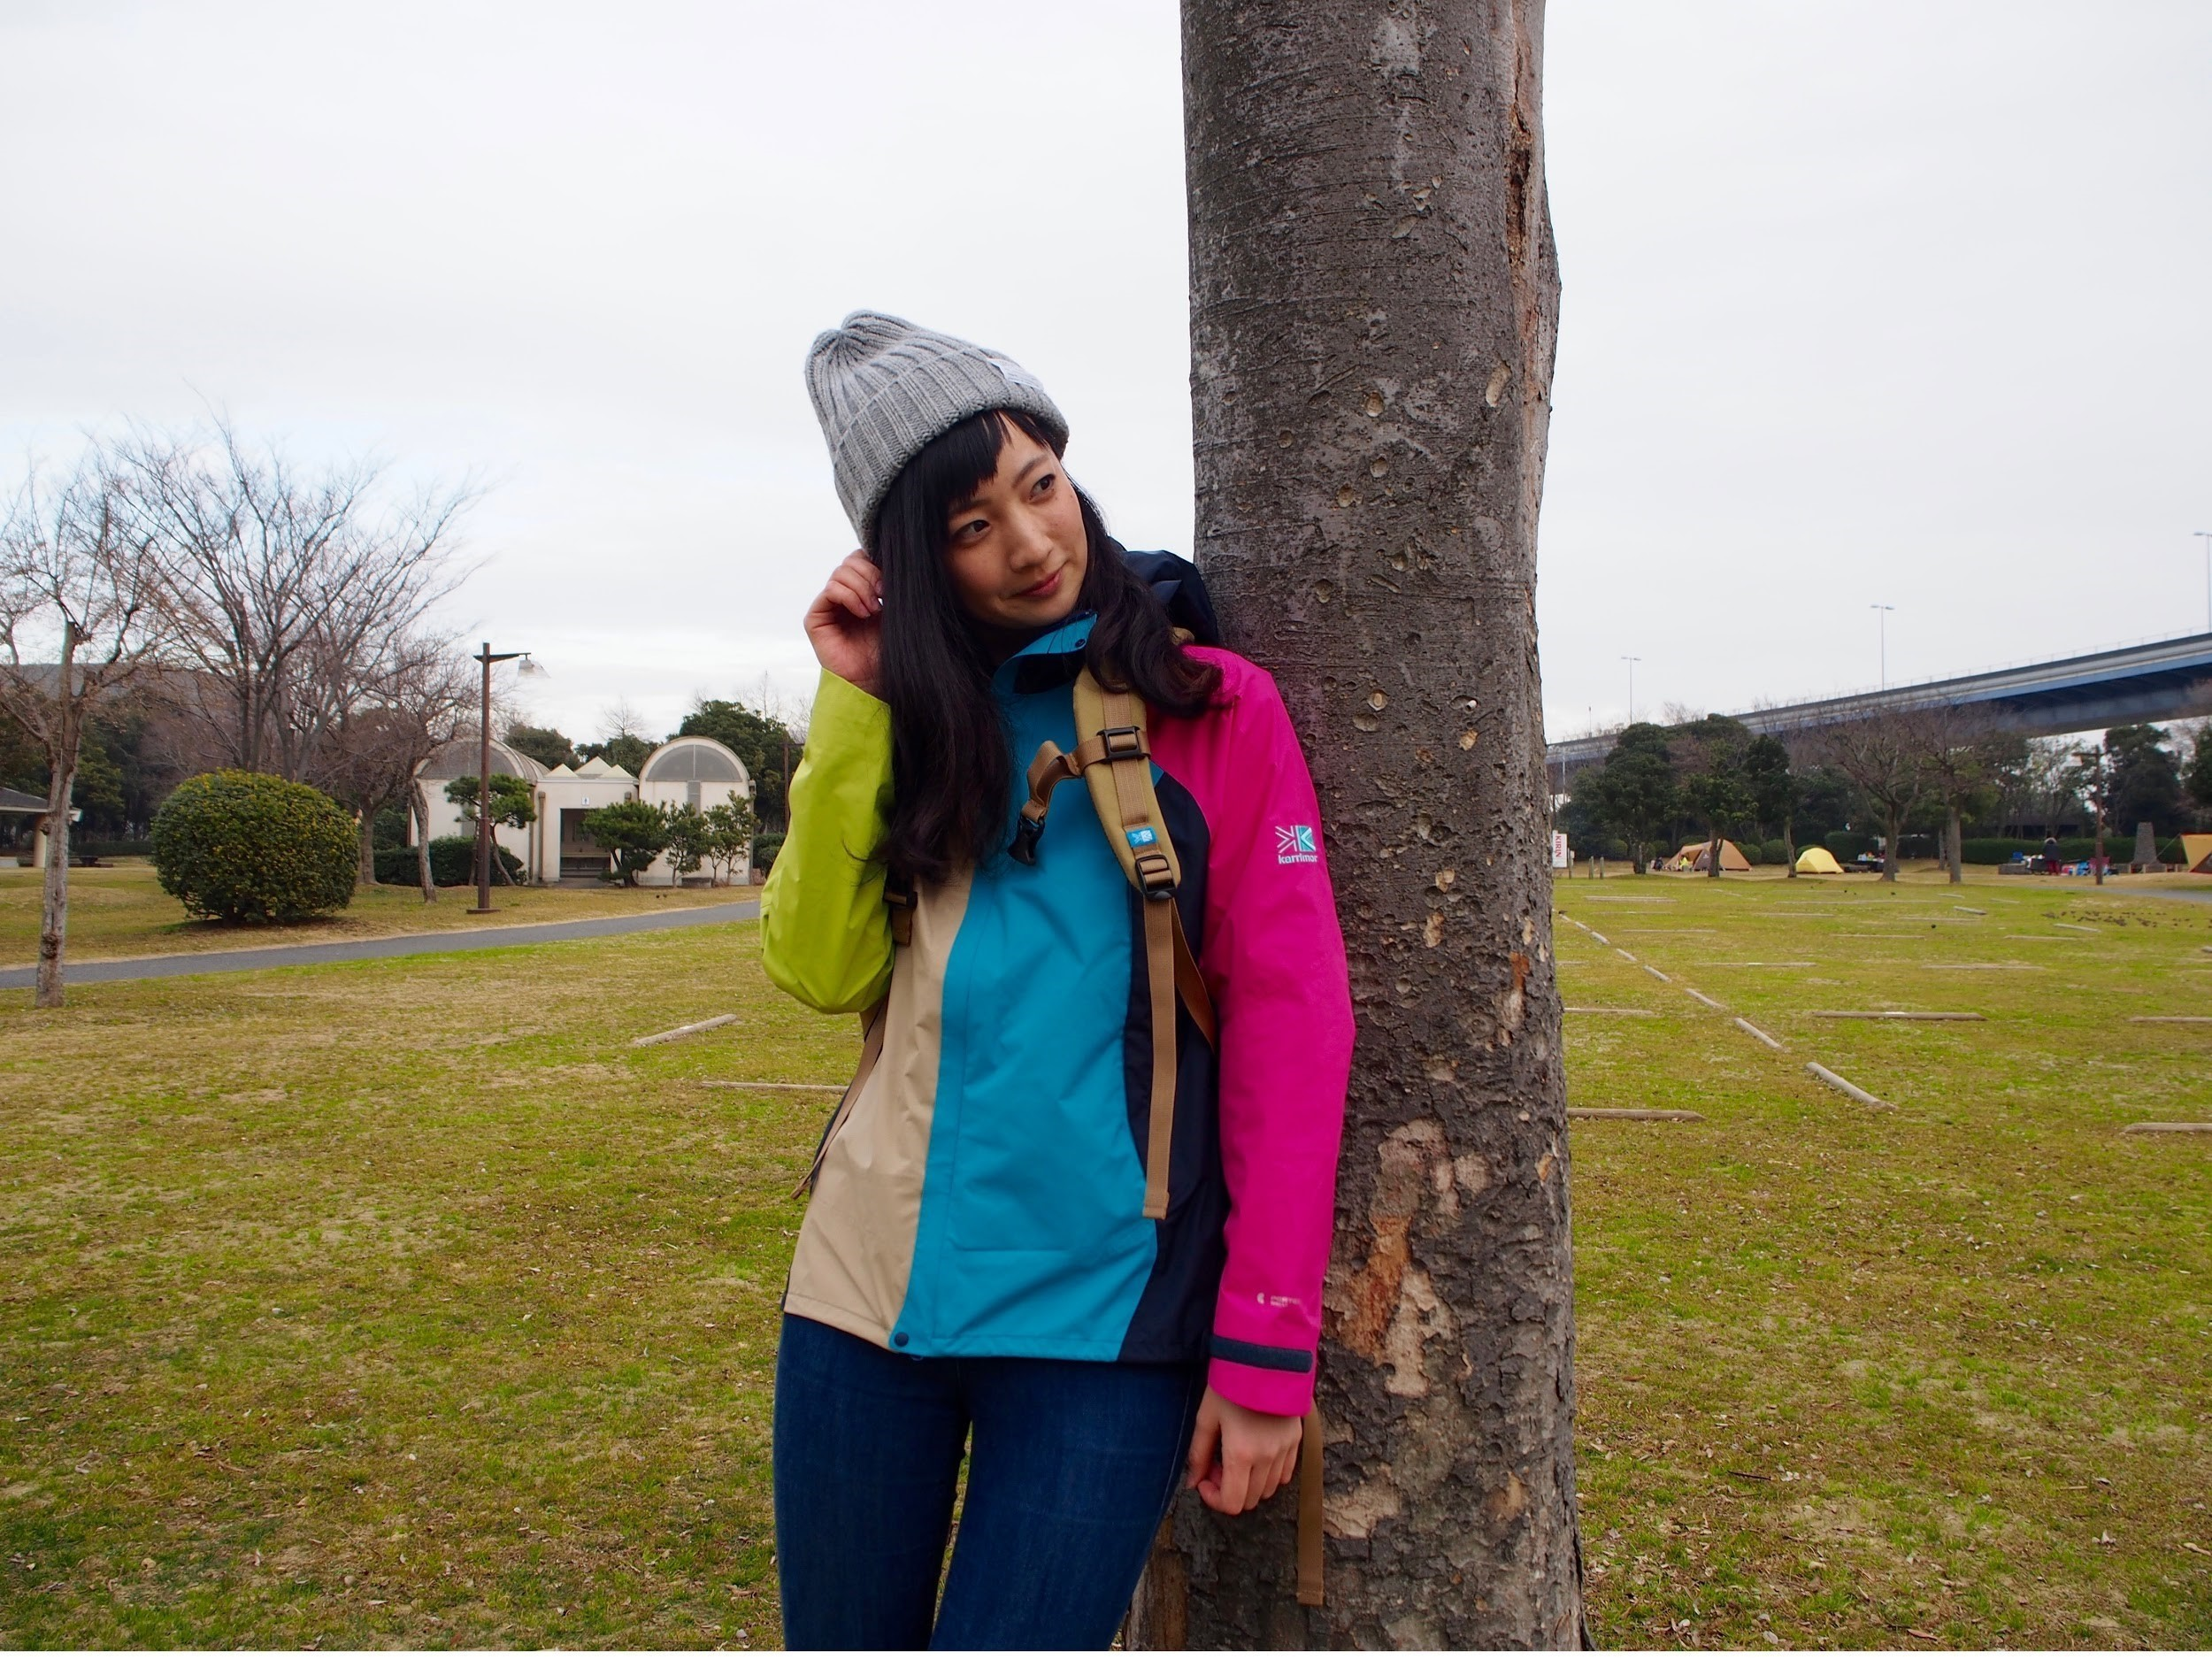 karrimorのカラフルなジャケット